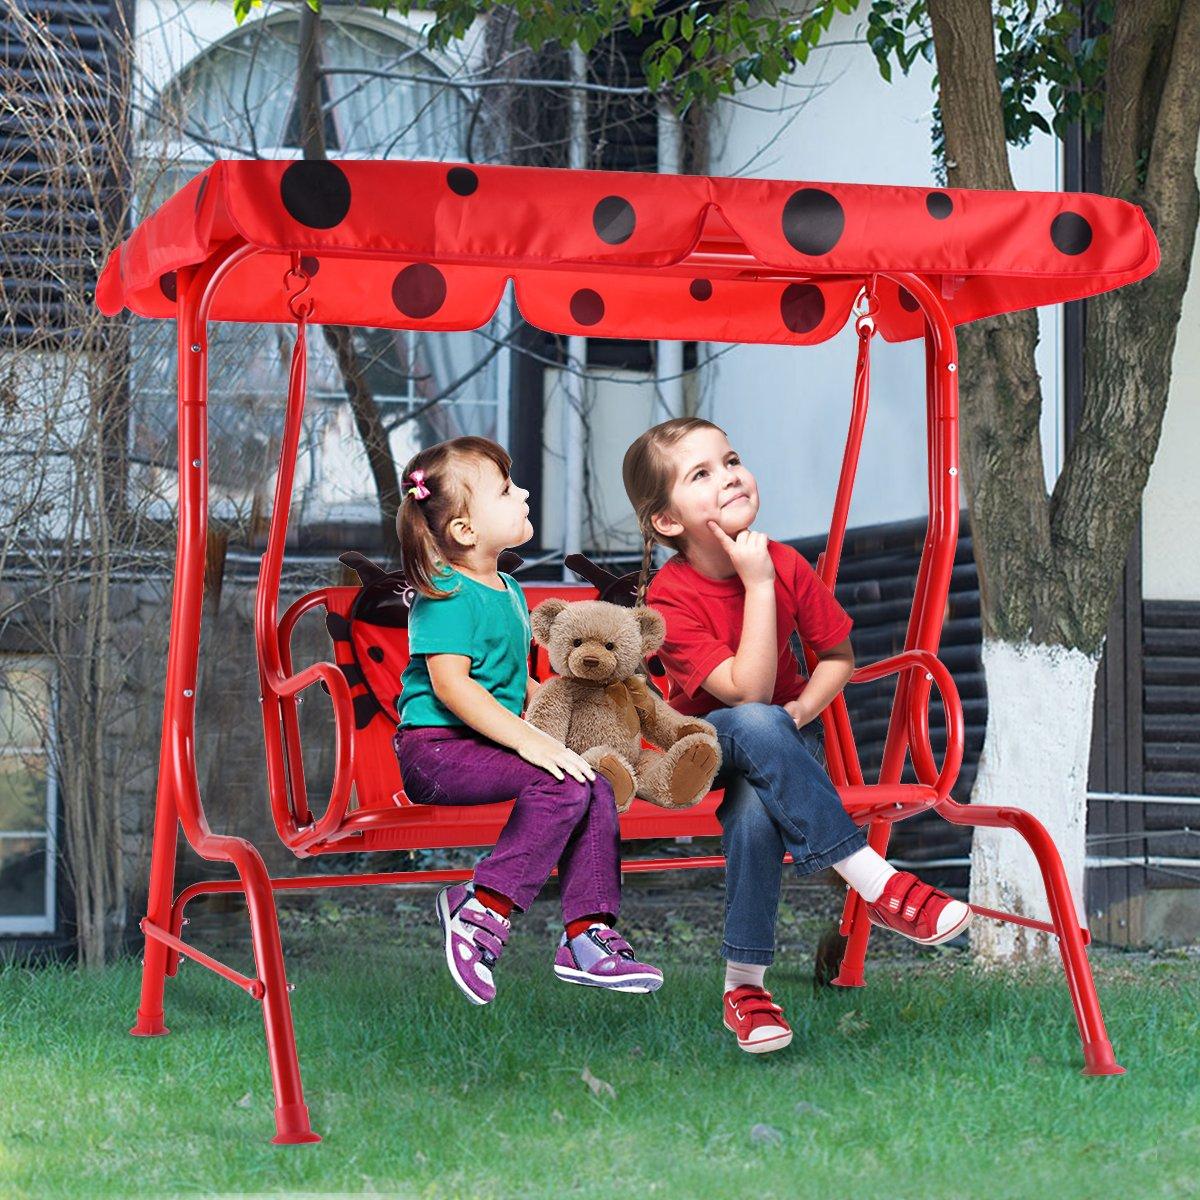 Balancelle de jardin enfant ⇒ Comparatif et meilleur modèle ...